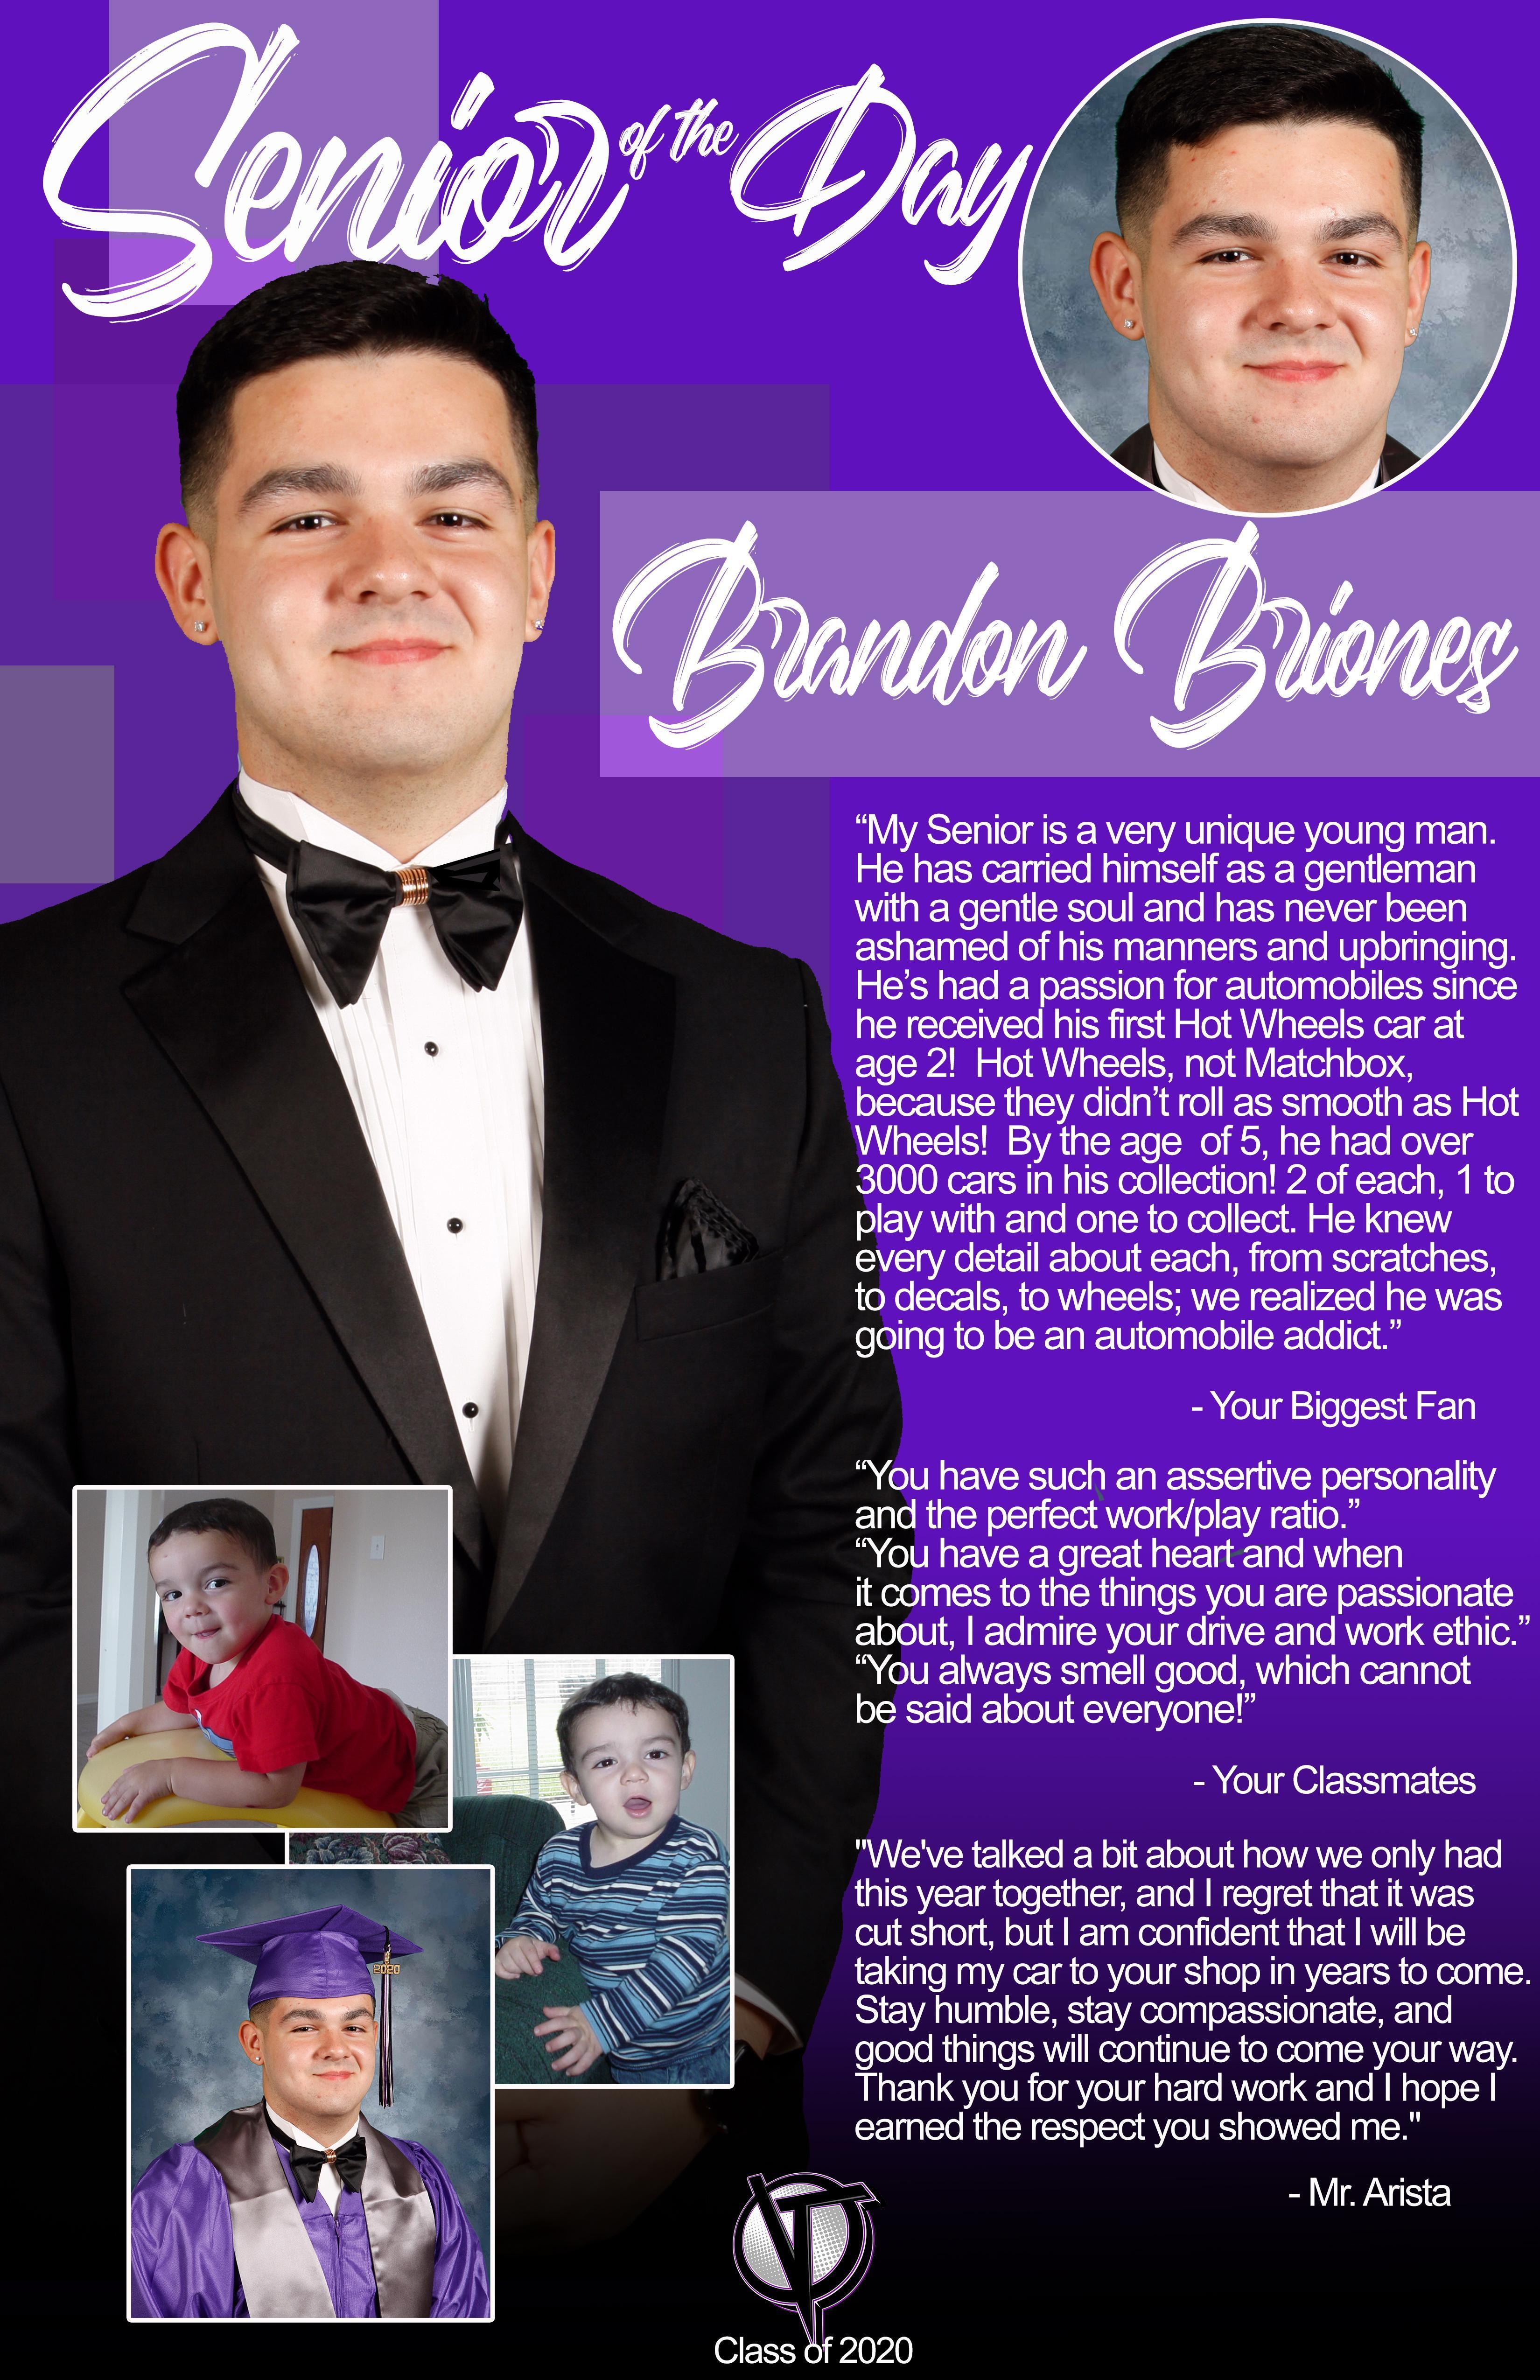 Brandon Briones